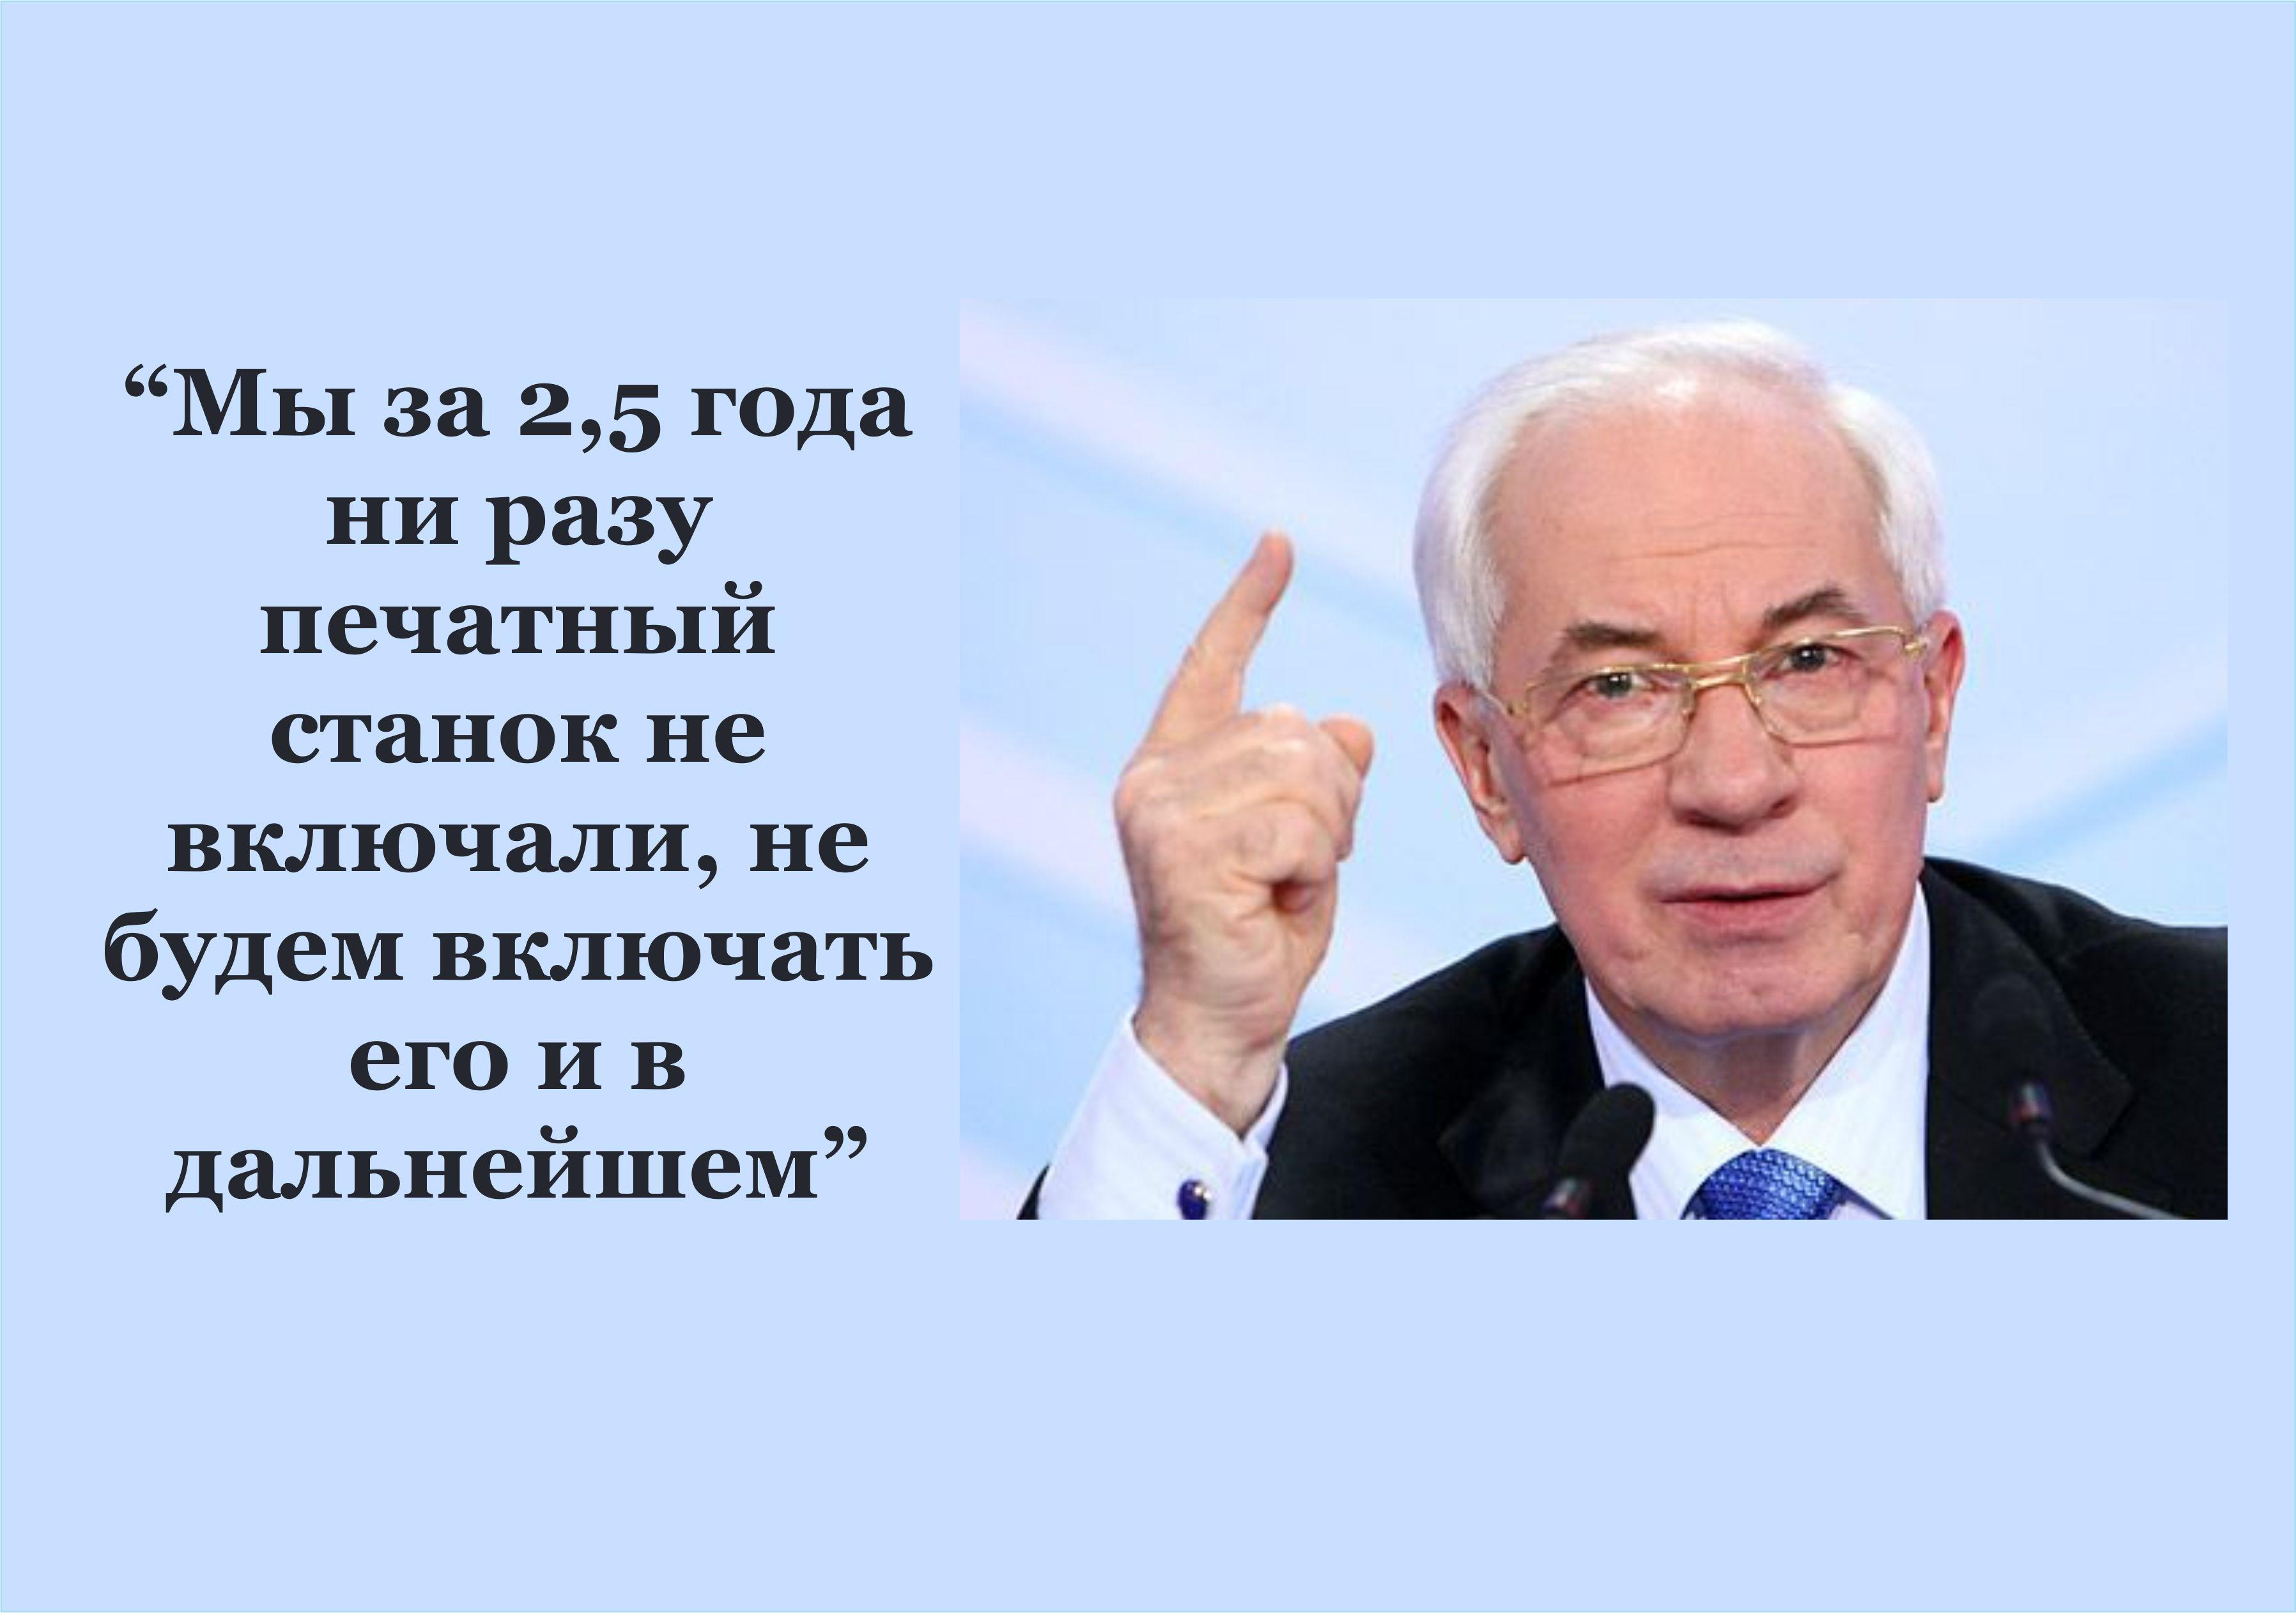 <!--:uk-->Жизнь под санкциями. Австрийская недвижимость Азарова<!--:--><!--:ru-->Жизнь под санкциями. Австрийская недвижимость Азарова<!--:-->